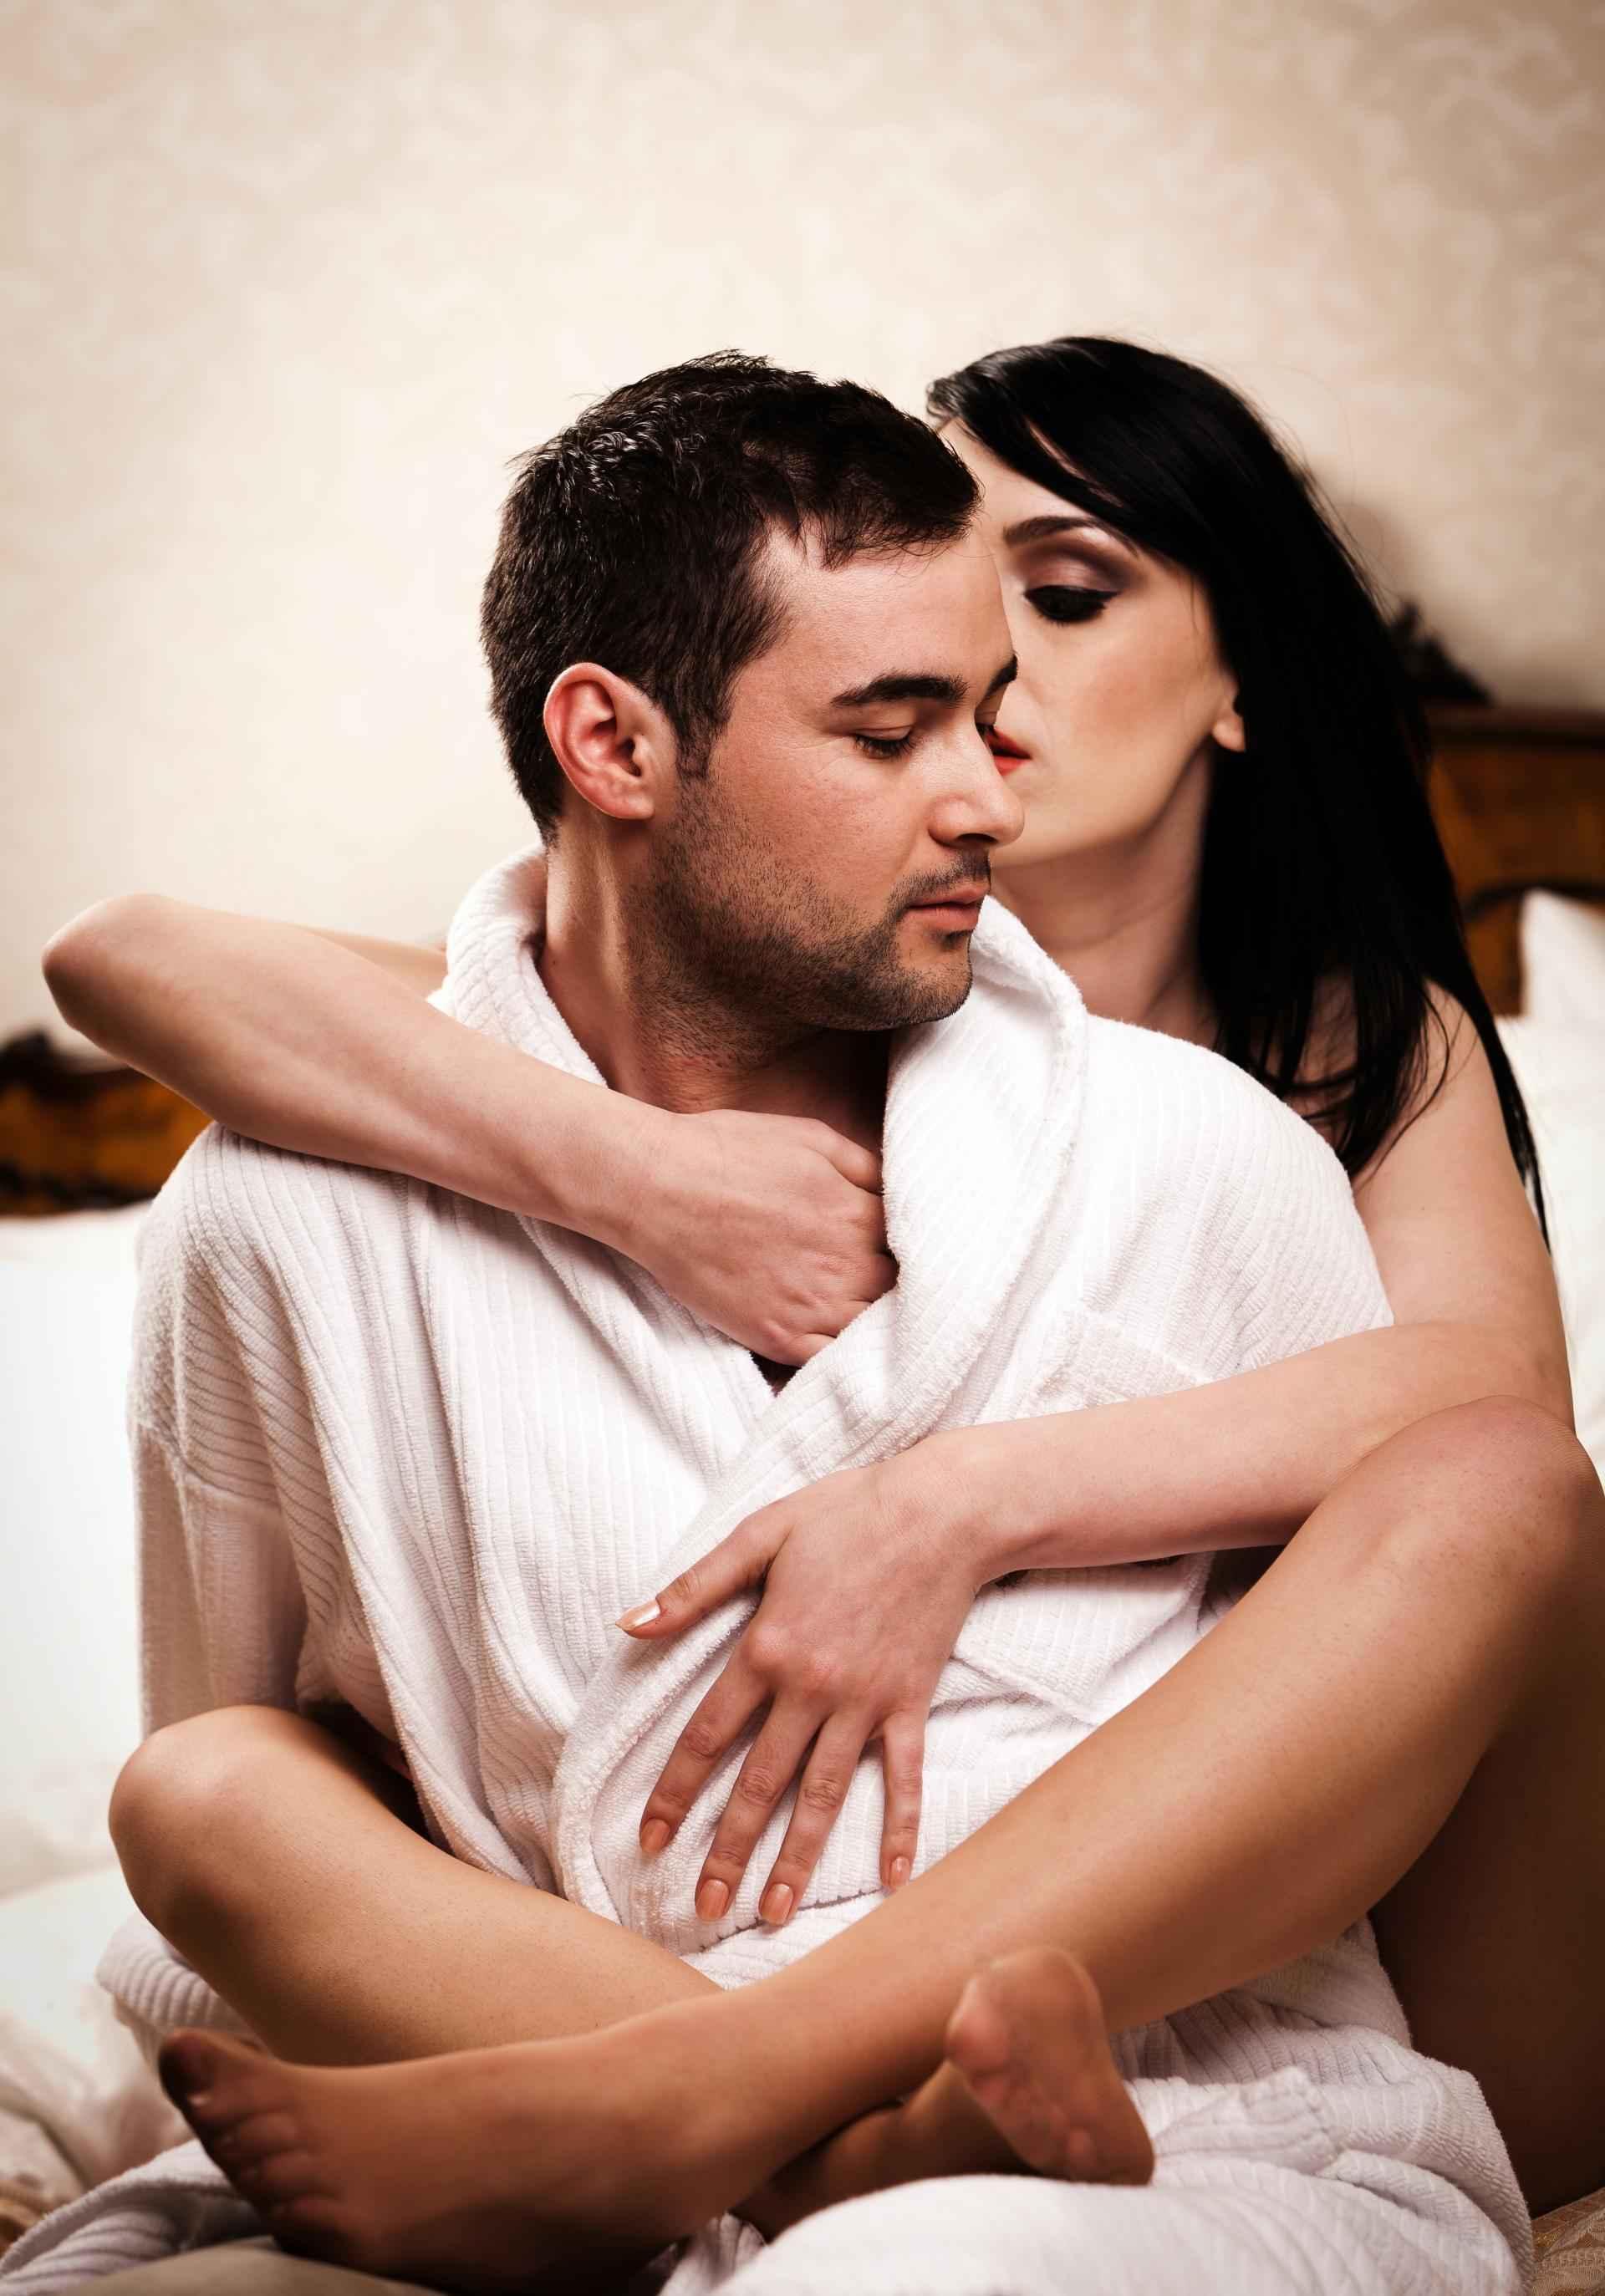 Bring dein Sexleben mit Dirty Talk auf ein neues Level SDC.com